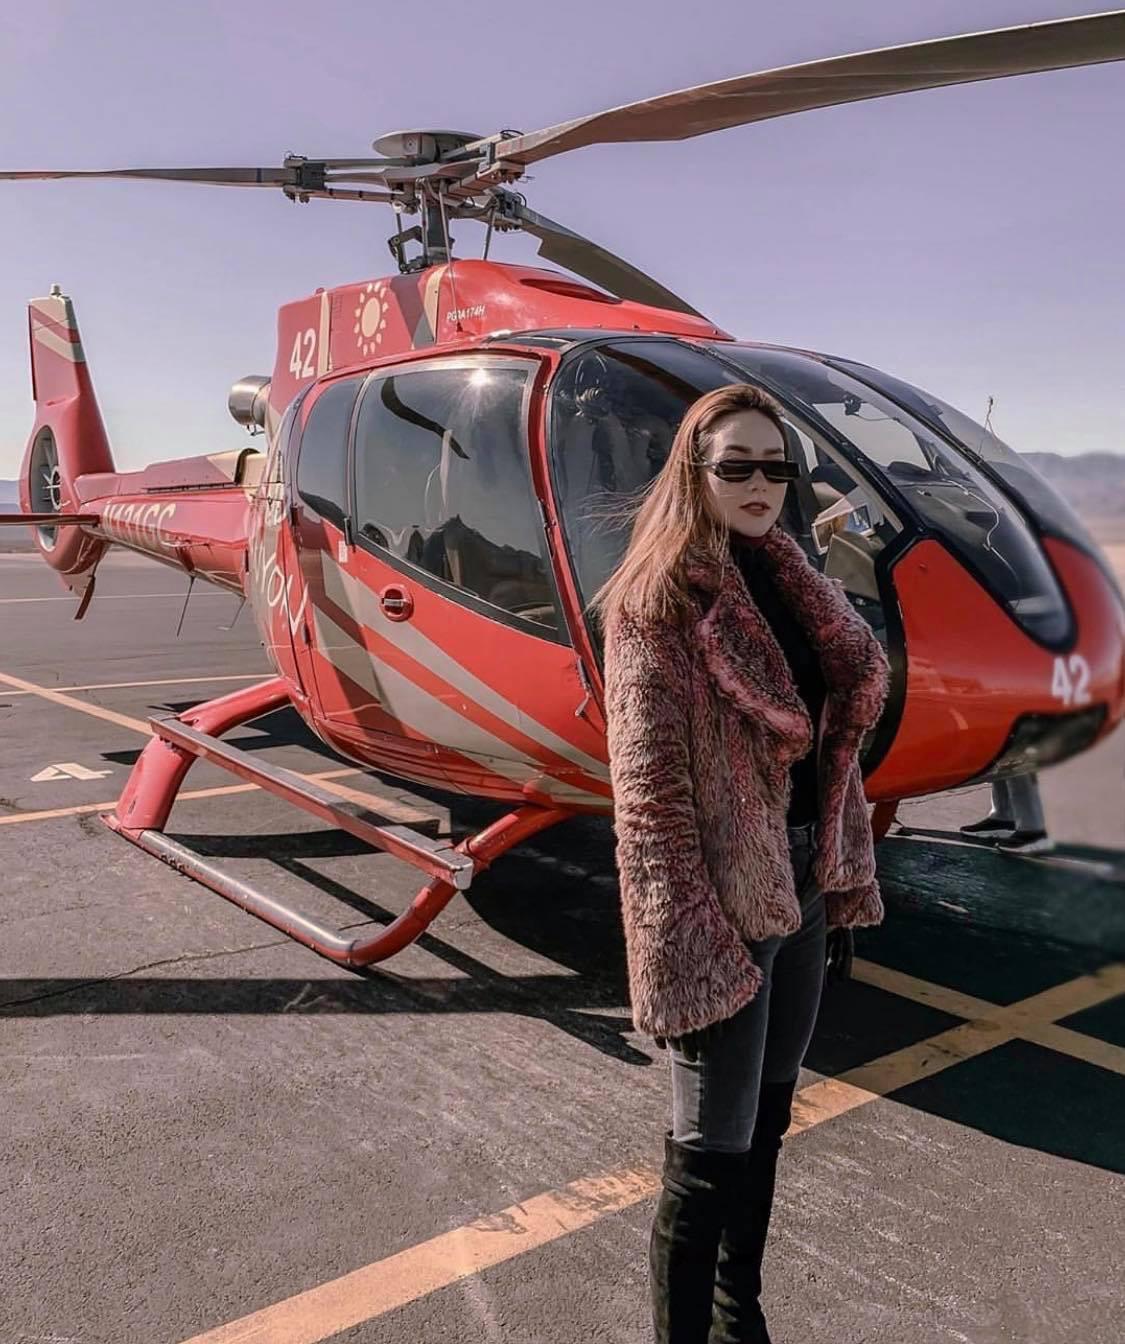 Mỹ nhân Vbiz vi vu Tết Kỷ Hợi: Minh Hằng khá phá Las Vegas bằng trực thăng, Đông Nhi tránh nóng ở Nhật - Ảnh 4.